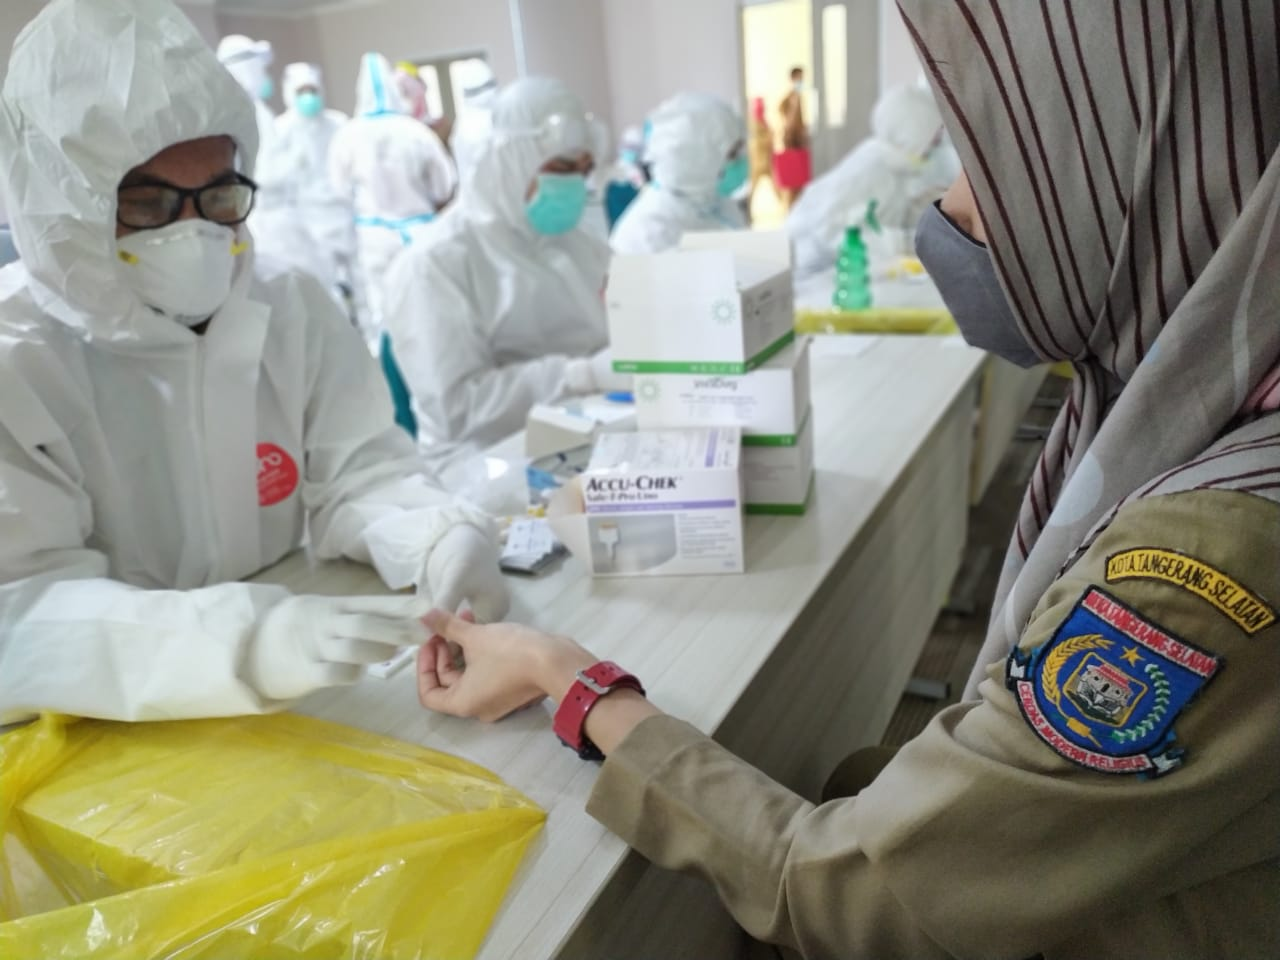 Petugas kesehatan sedang melakukan pemeriksaan tes cepat dan swab terhadap pegawai yang bertugas di lingkup Pemerintah Kota Tangerang Selatan di Gedung 3 Puspemkot di Jalan Maruga Raya, Ciputat, Tangsel, Selasa (14/9/2020).